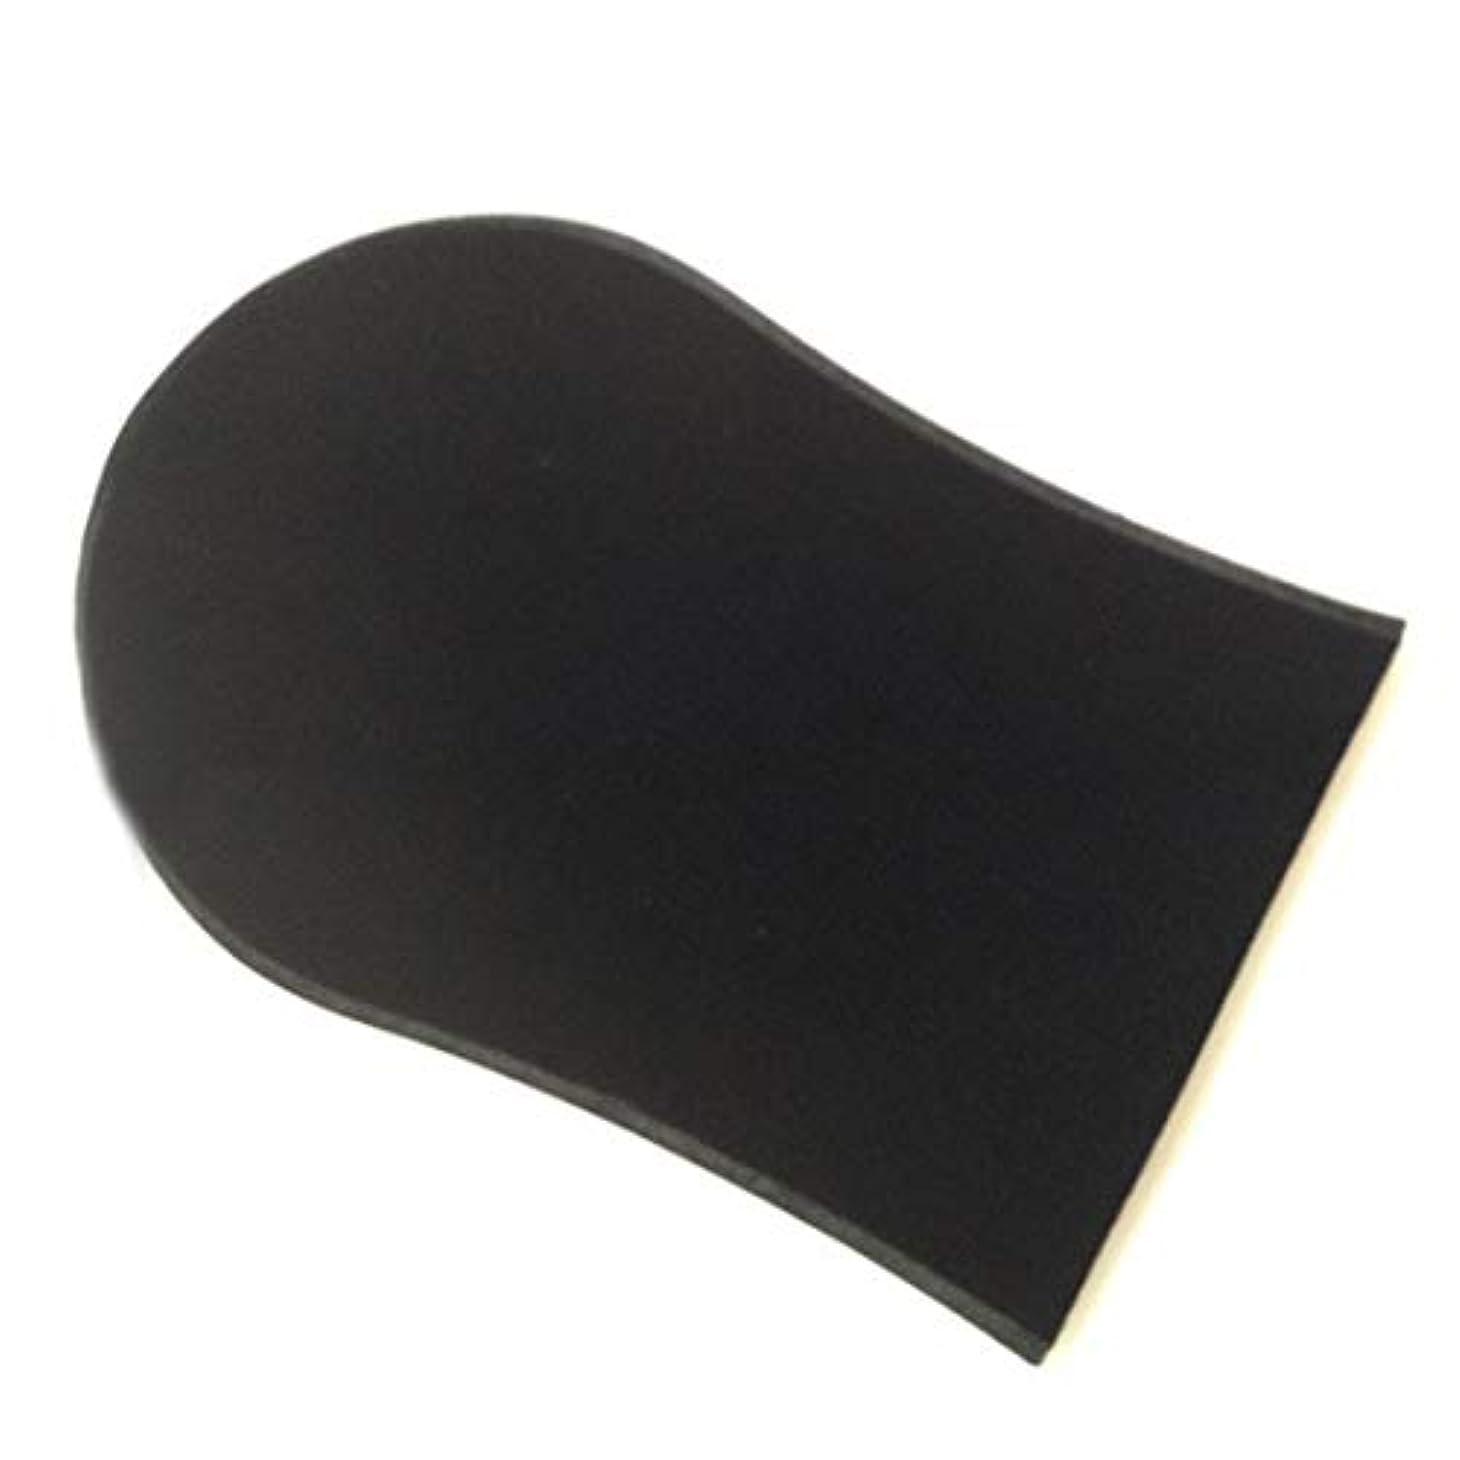 くるみ完璧広い再利用可能な体の自己日焼け手袋アプリケーター日焼け手袋クリームローションムースボディクリーニング手袋